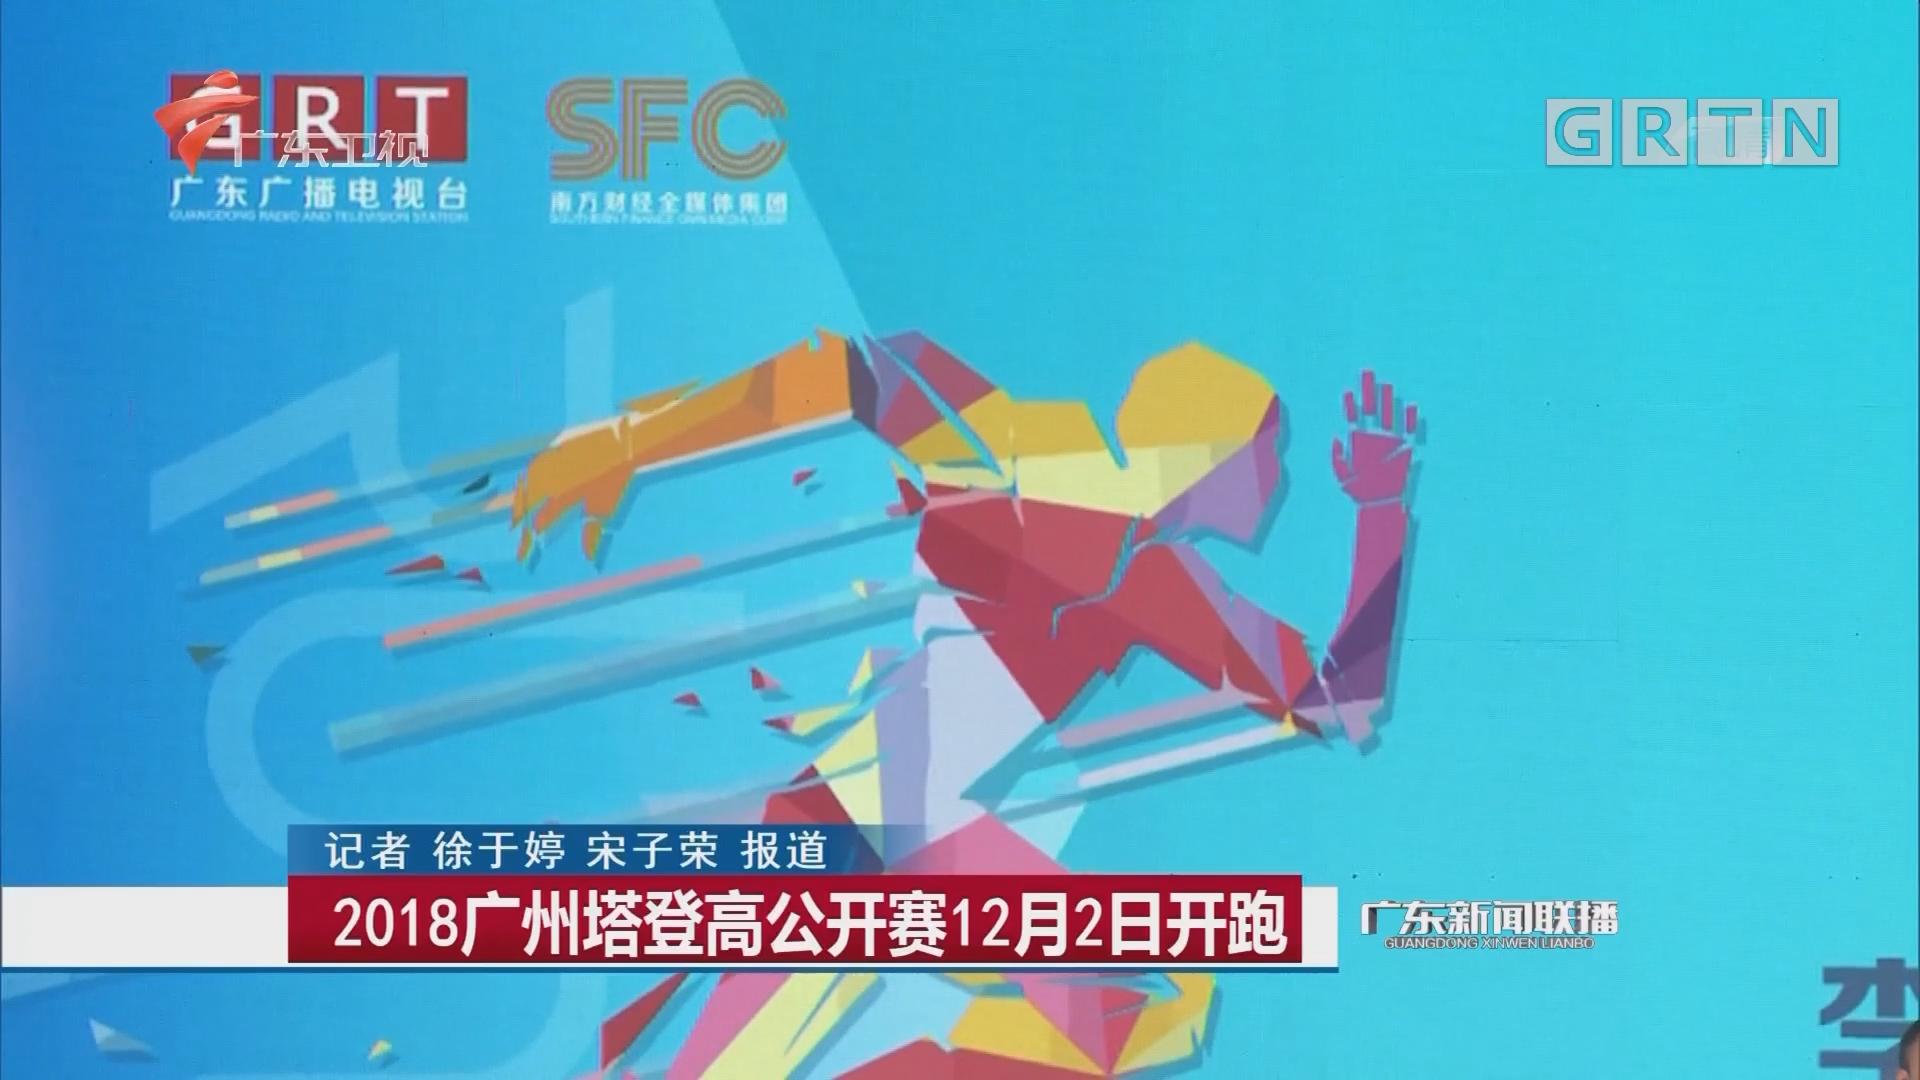 2018广州塔登高公开赛12月2日开跑